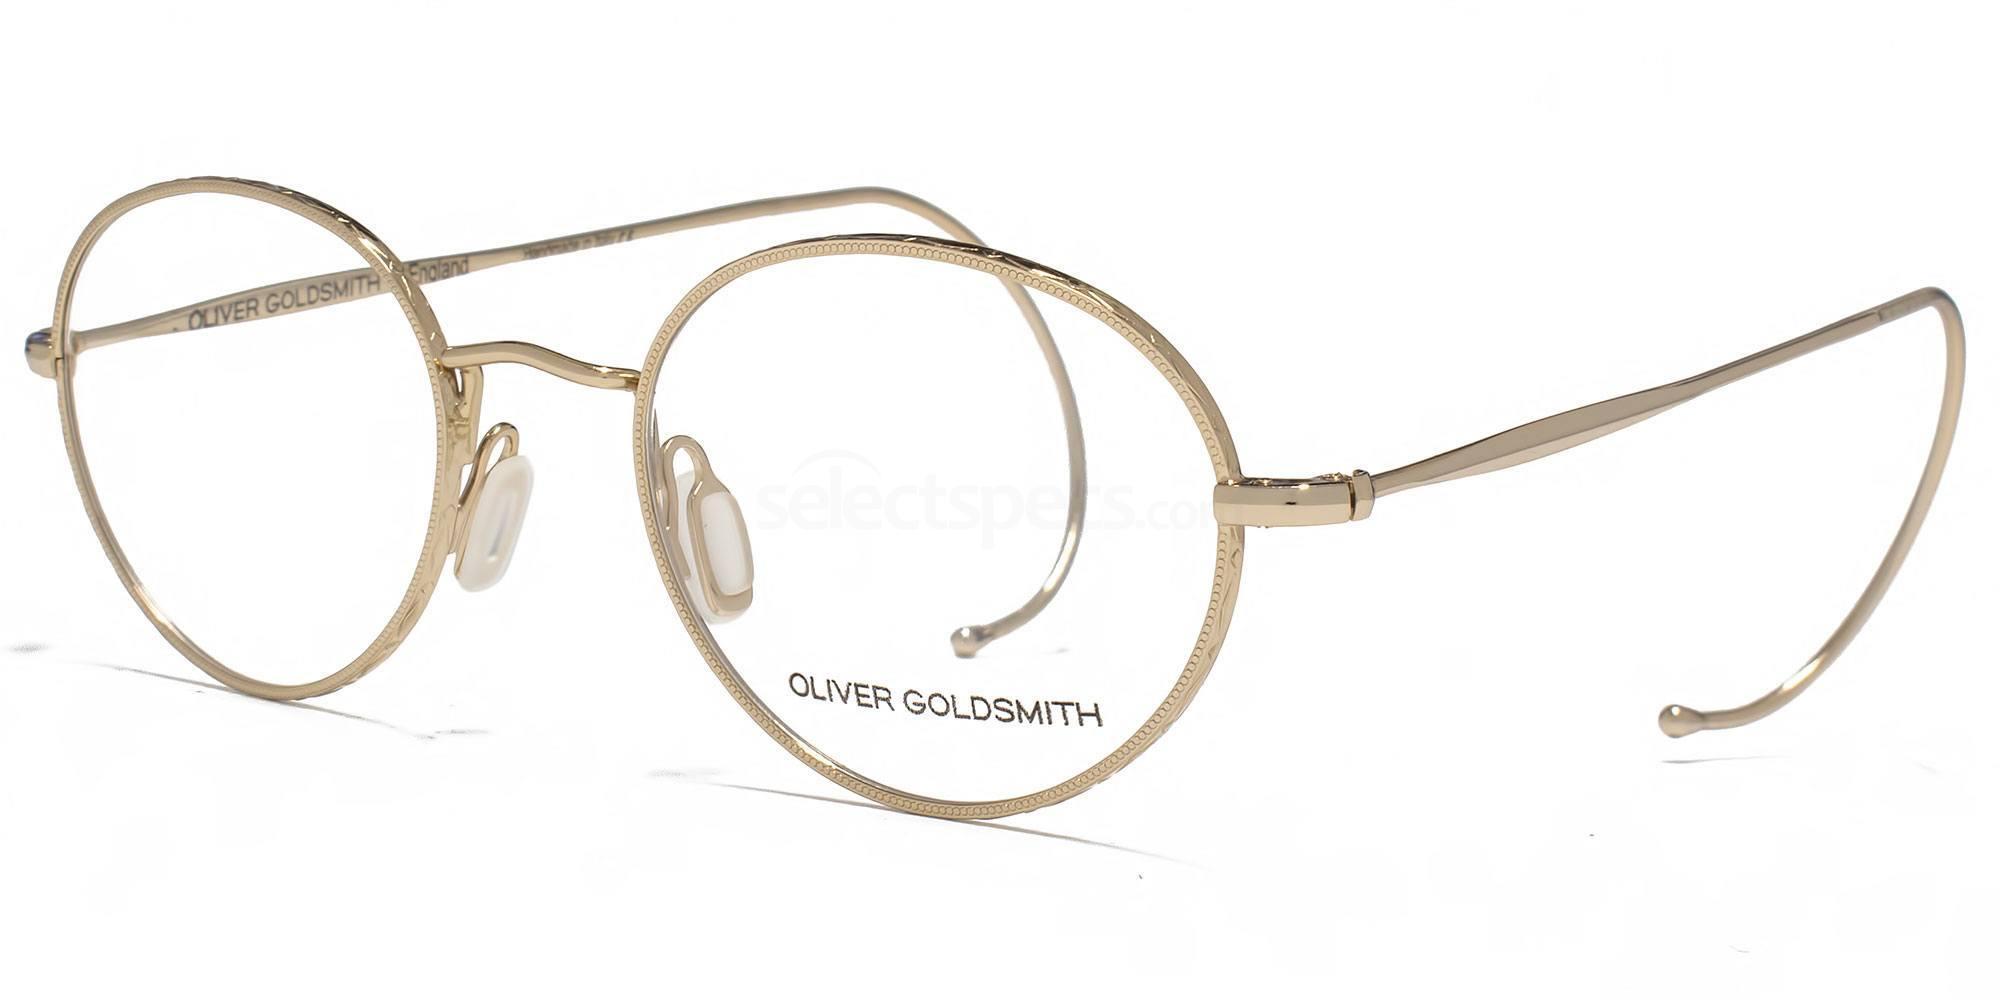 Oliver Goldsmith OLI001 CHARLIE glasses